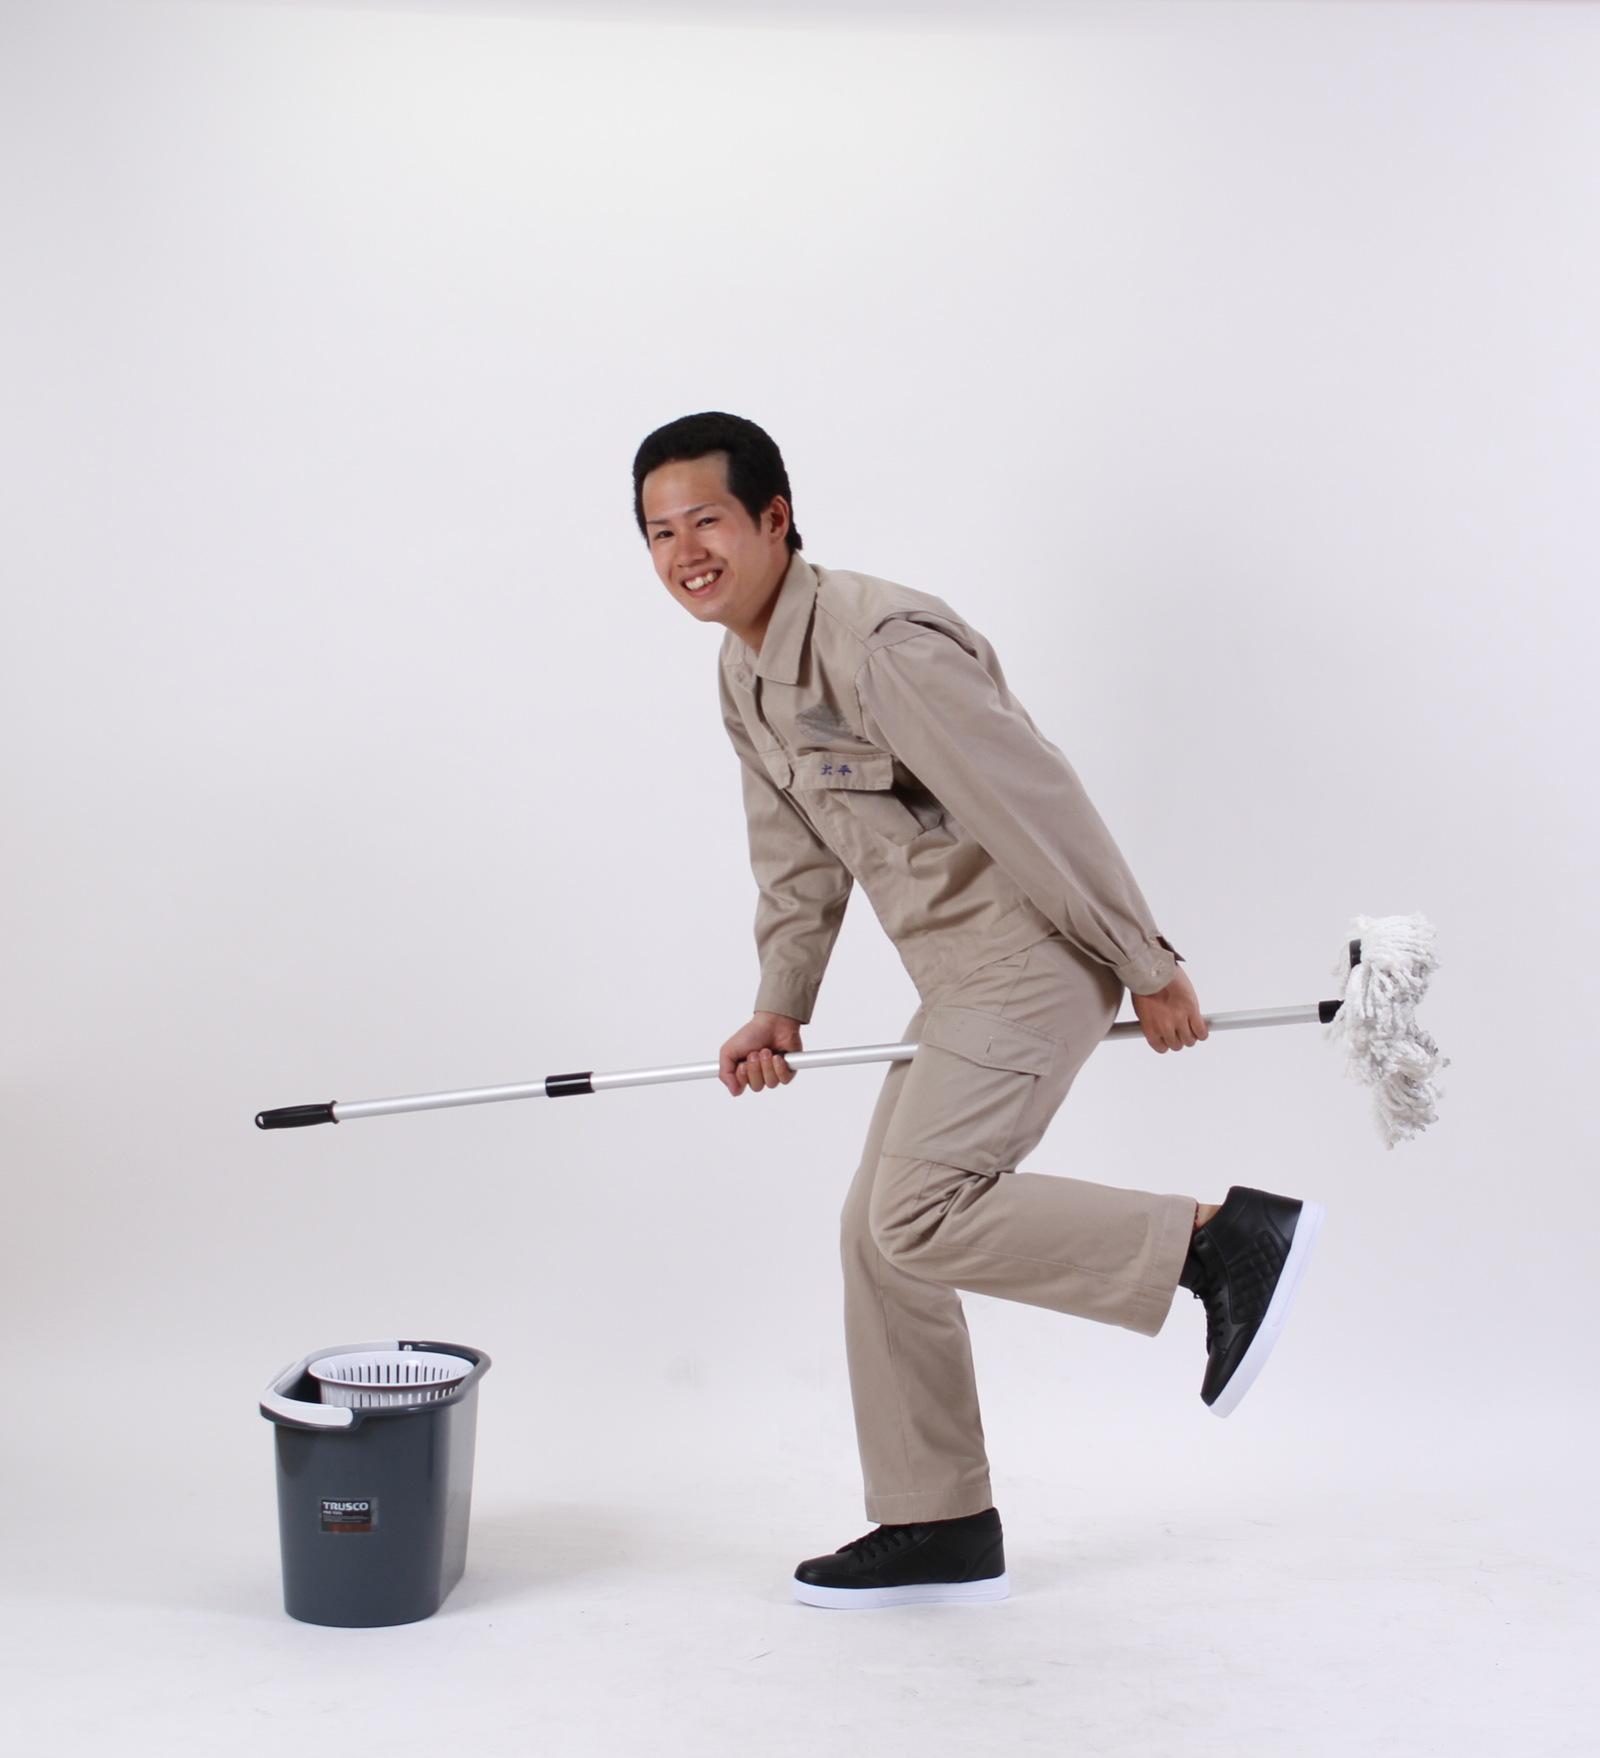 [01]朝の準備体操で必ずやるポーズ01,シニア,写真,画像,素材,老人,高齢者,フリー